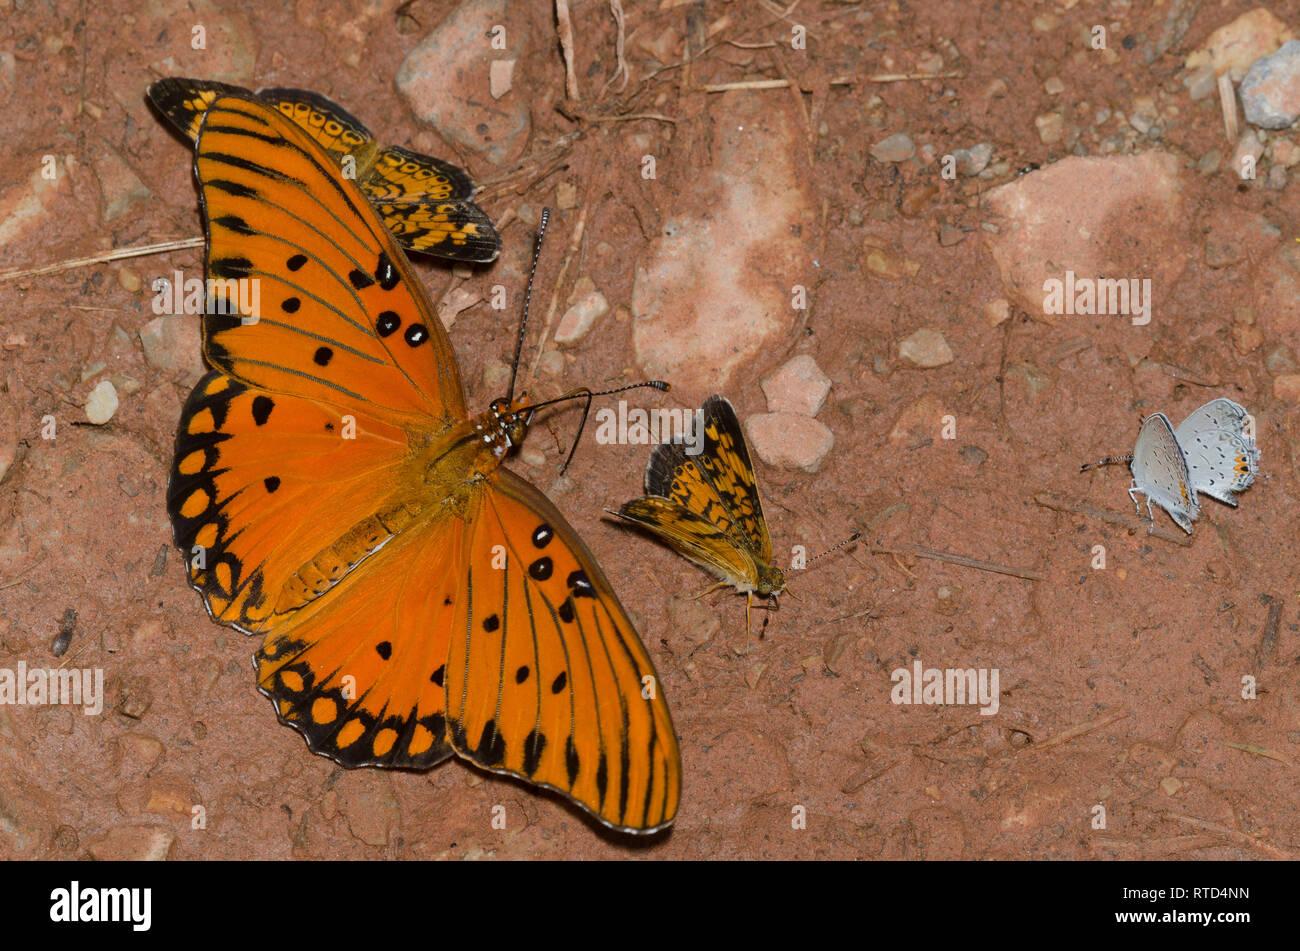 Los charcos de barro mariposas; Golfo, Speyeria Agraulis vanillae, Pearl crecientes, tharos Phyciodes, y Oriental-tailed blues, Cupido comyntas Foto de stock